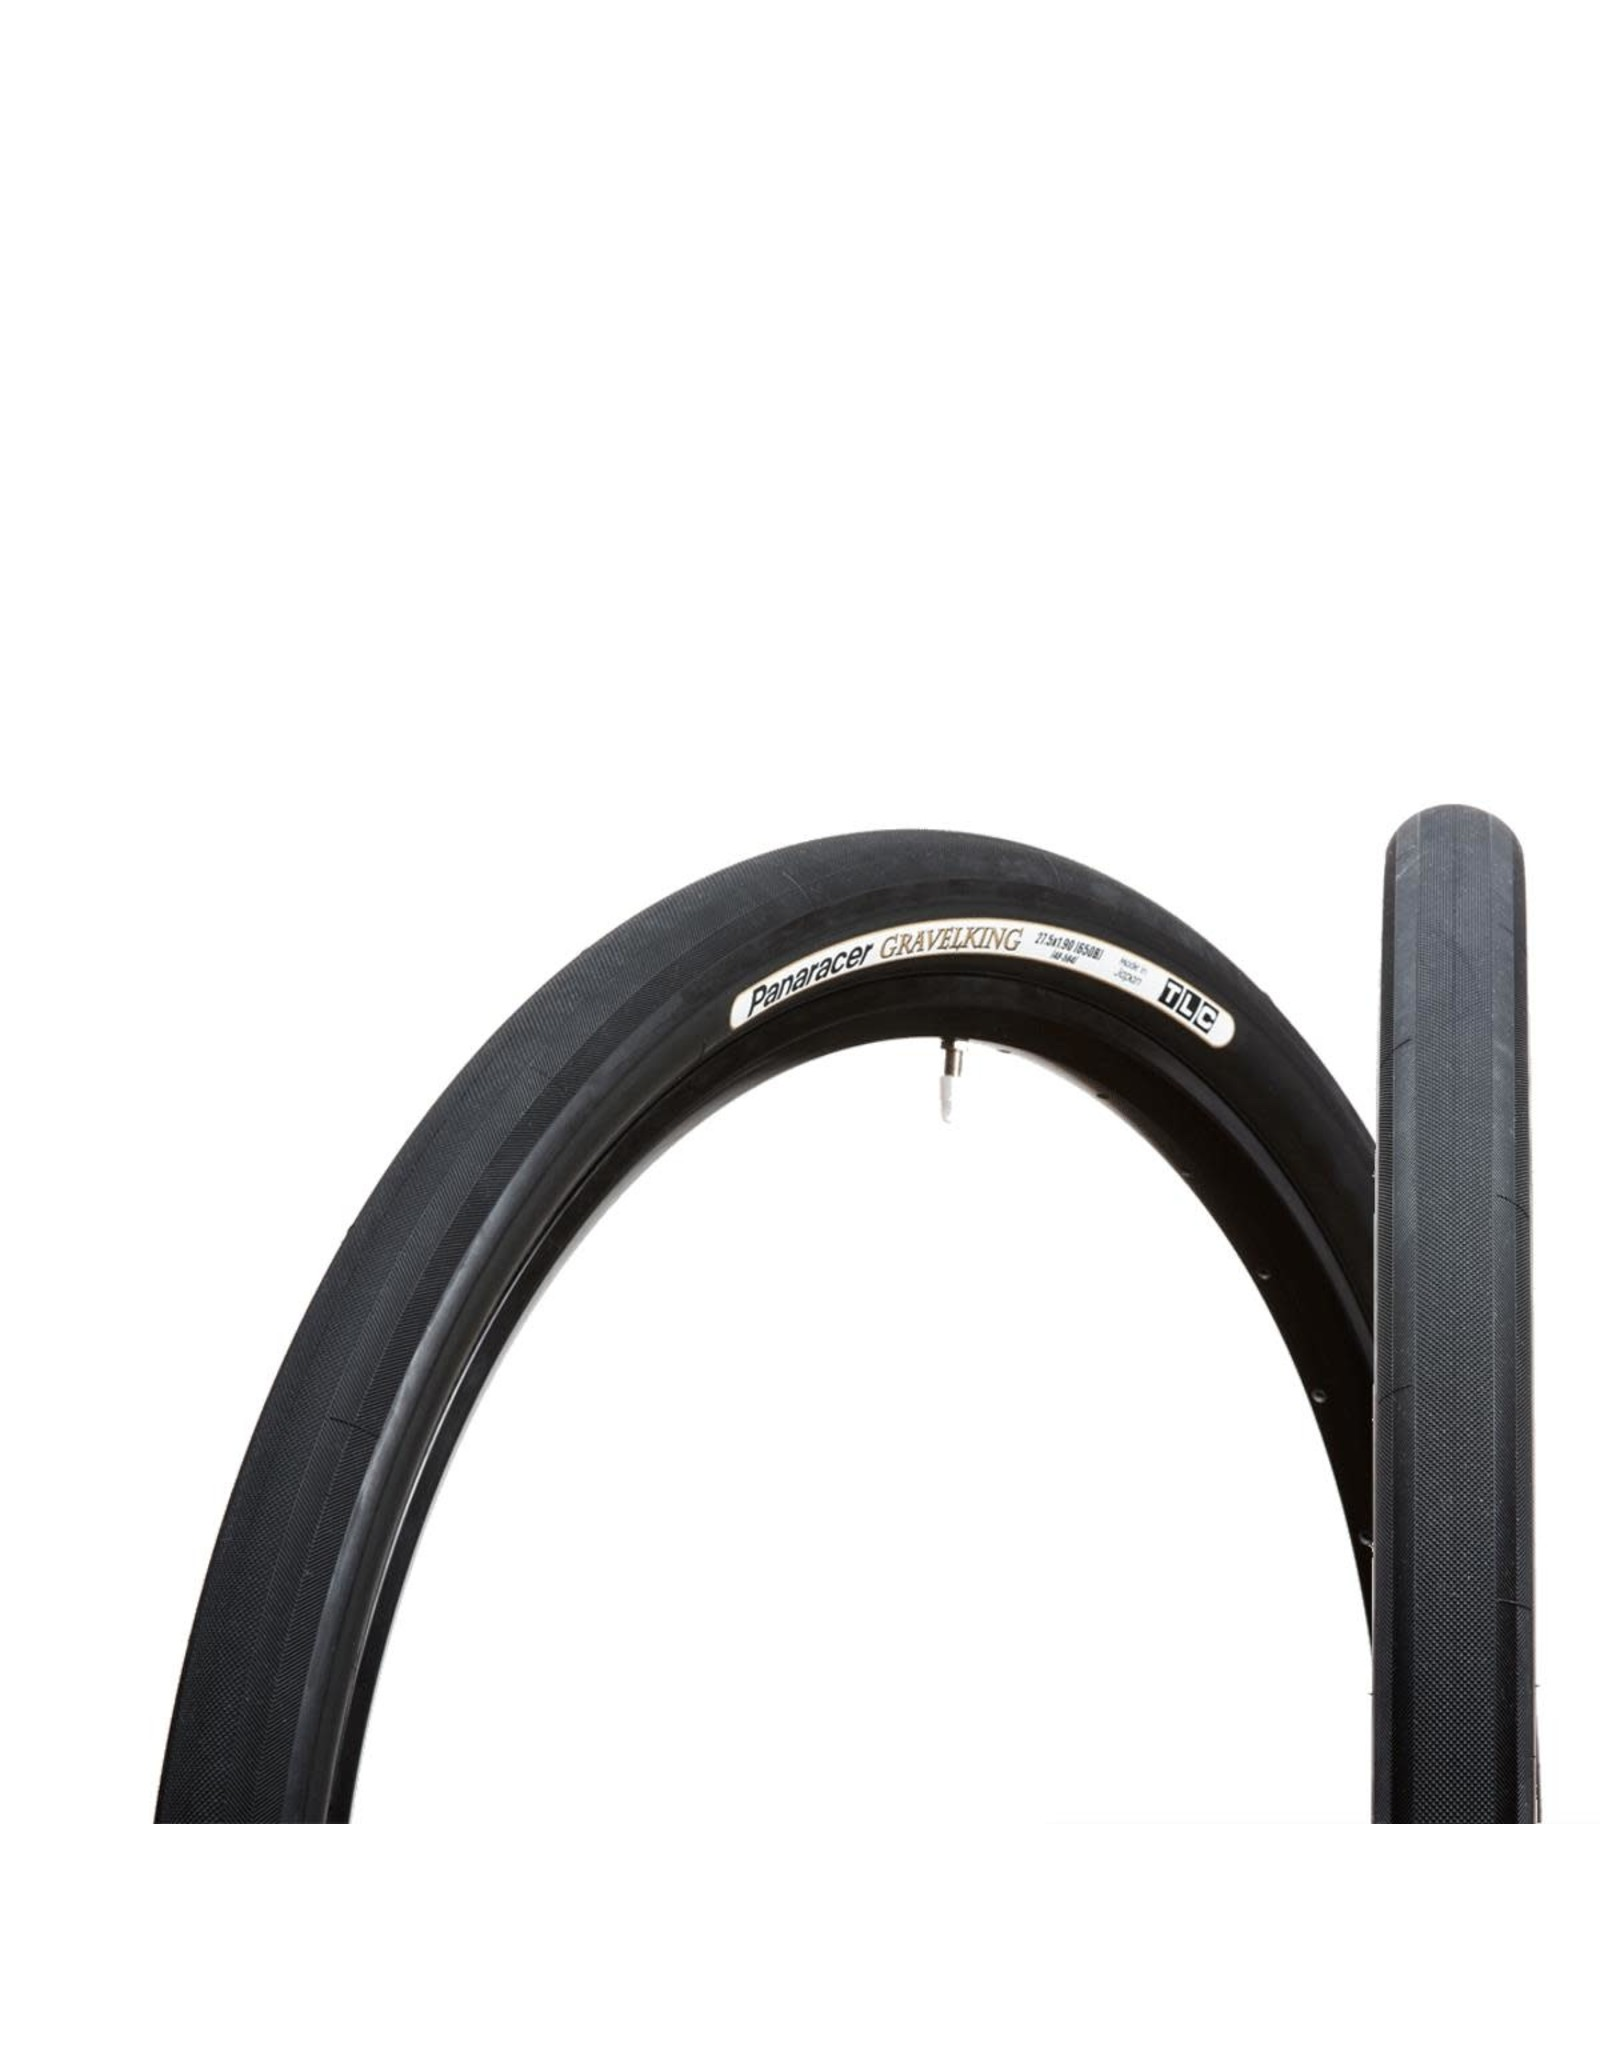 Panaracer Tyre Gravelking Fld Black 700 x 35